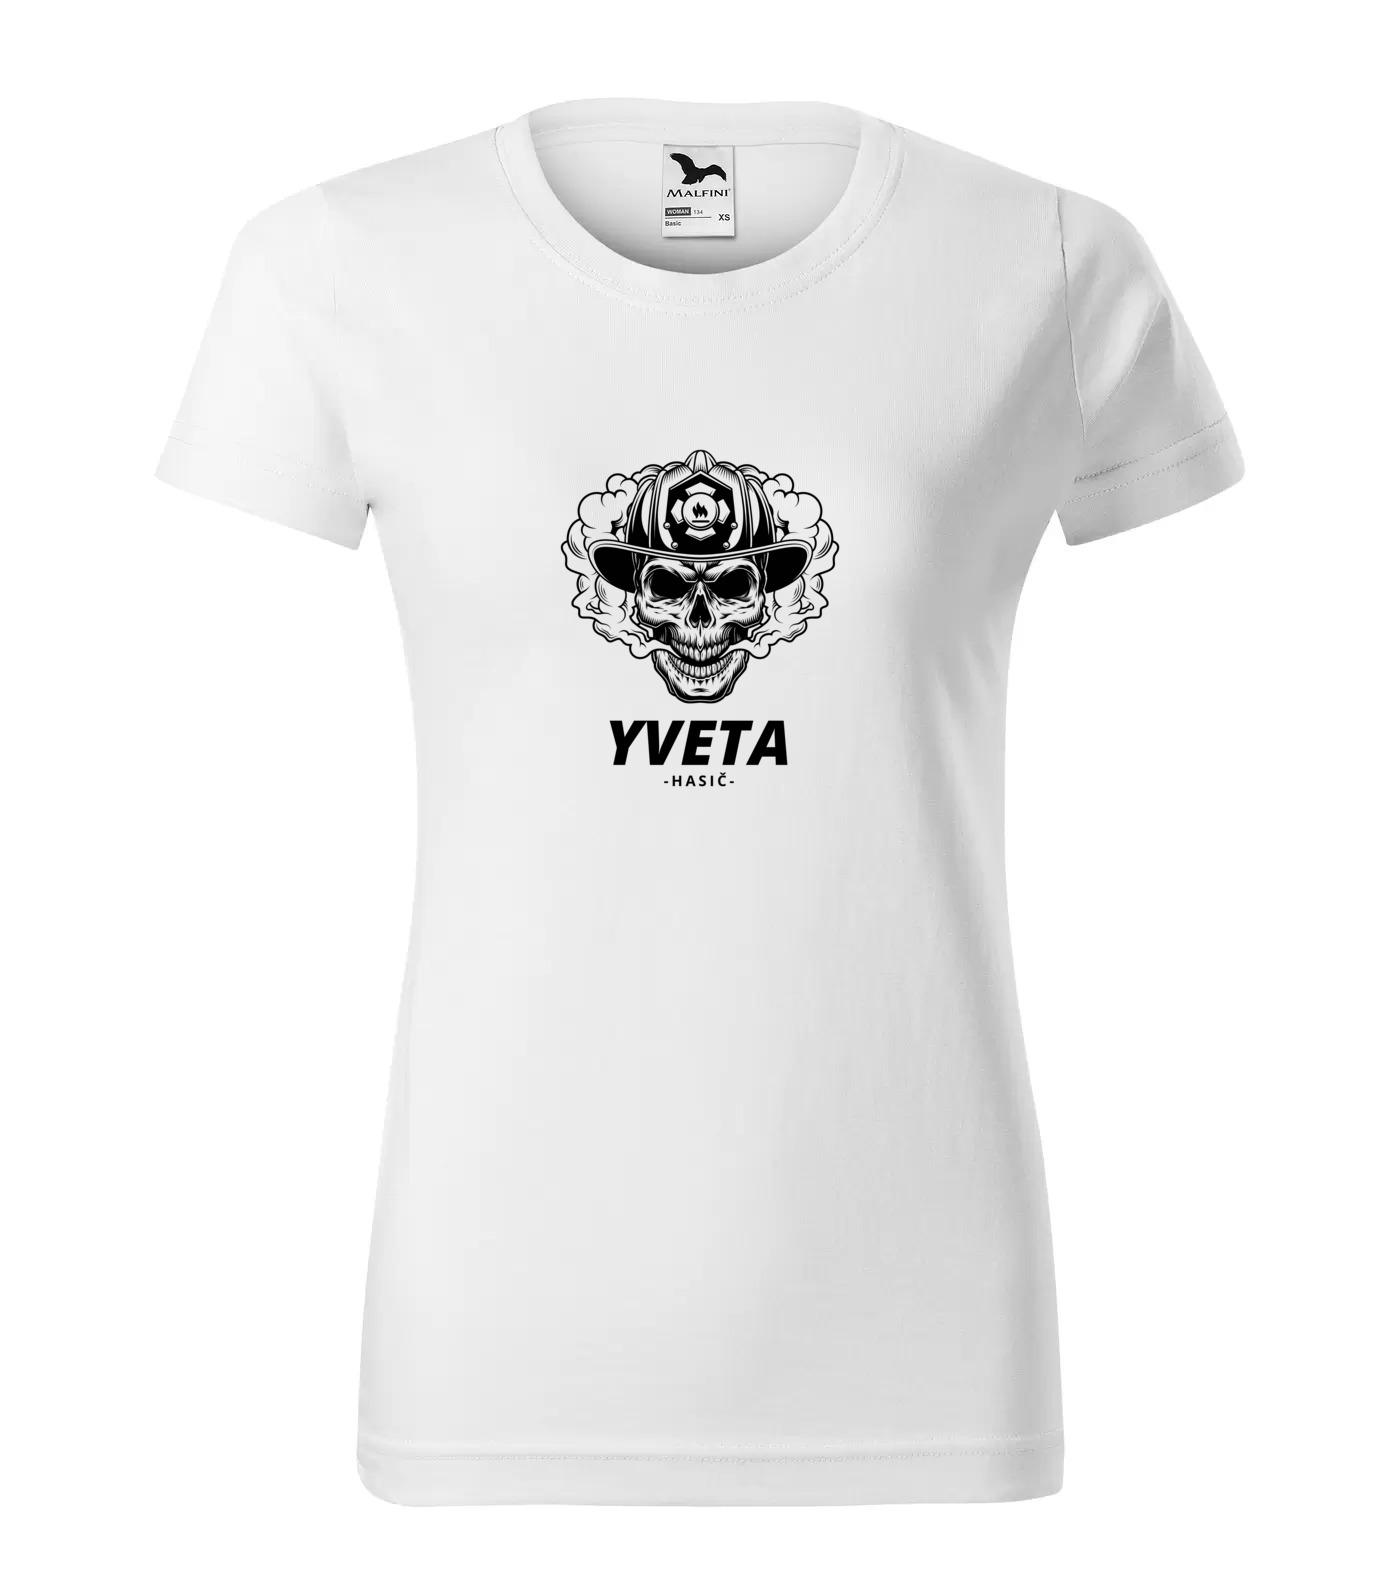 Tričko Hasič Yveta